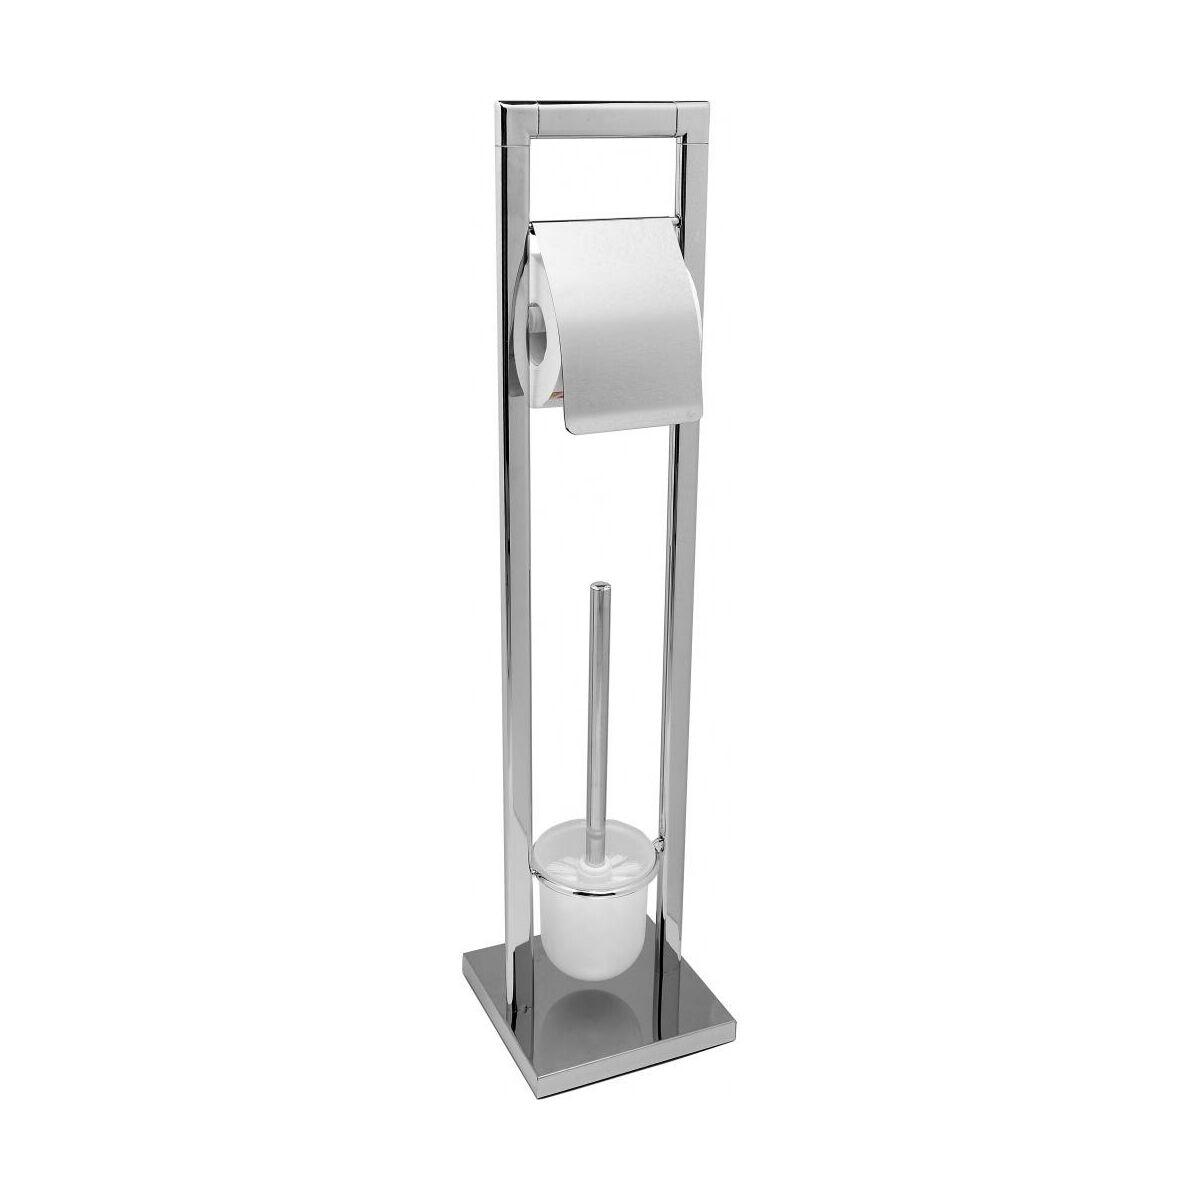 Stojak Lazienkowyna Papier Toaletowy I Szczotke Wc Esbada Tiger Stojaki Na Papier Toaletowy W Atrakcyjnej Cenie W Sklepach Leroy Merlin